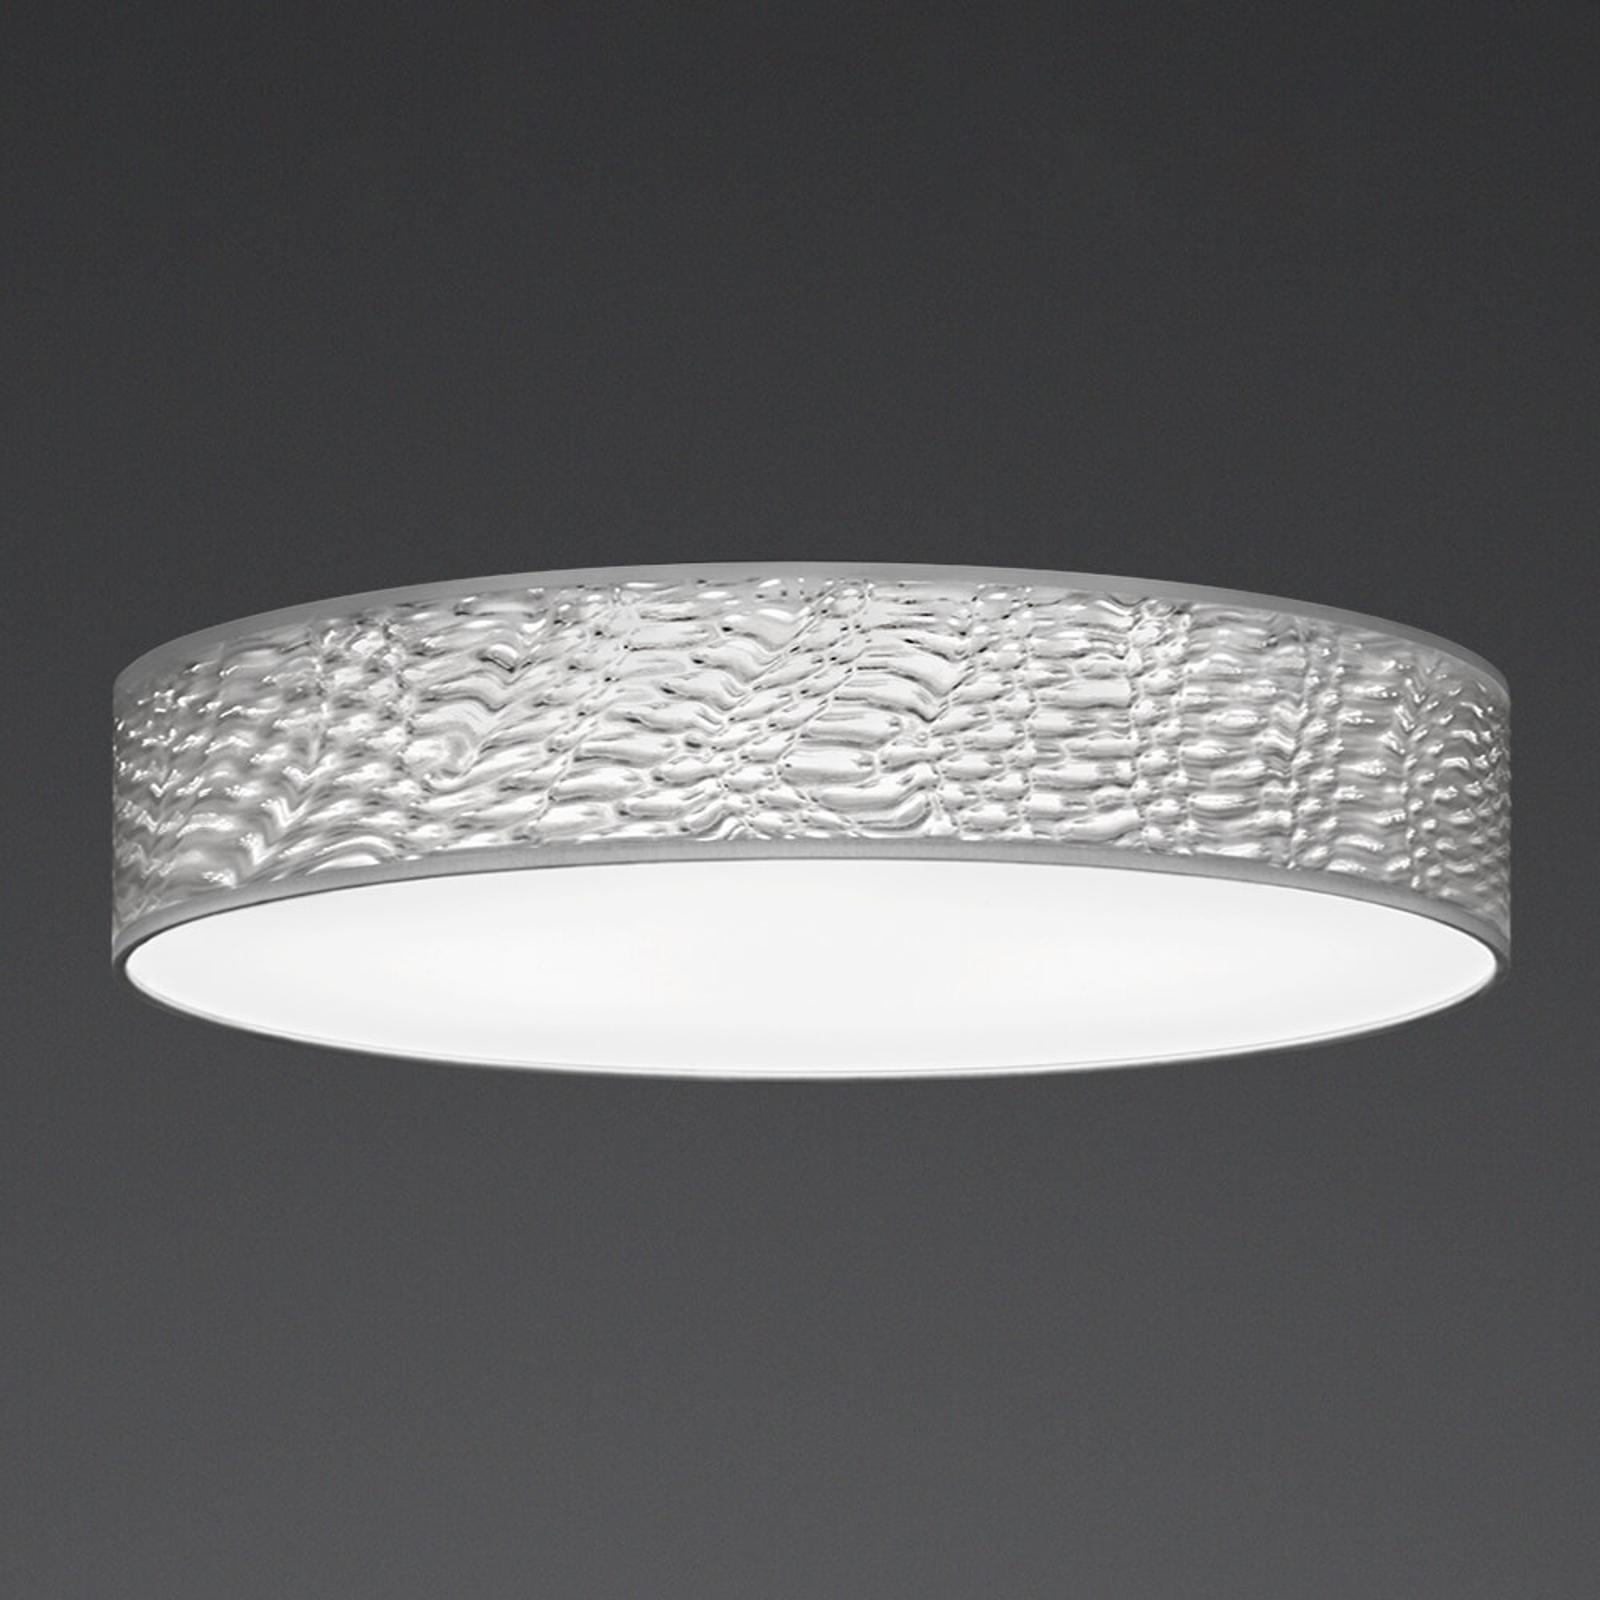 LED-Deckenleuchte Luno mit 3D-Schirm, 60 cm